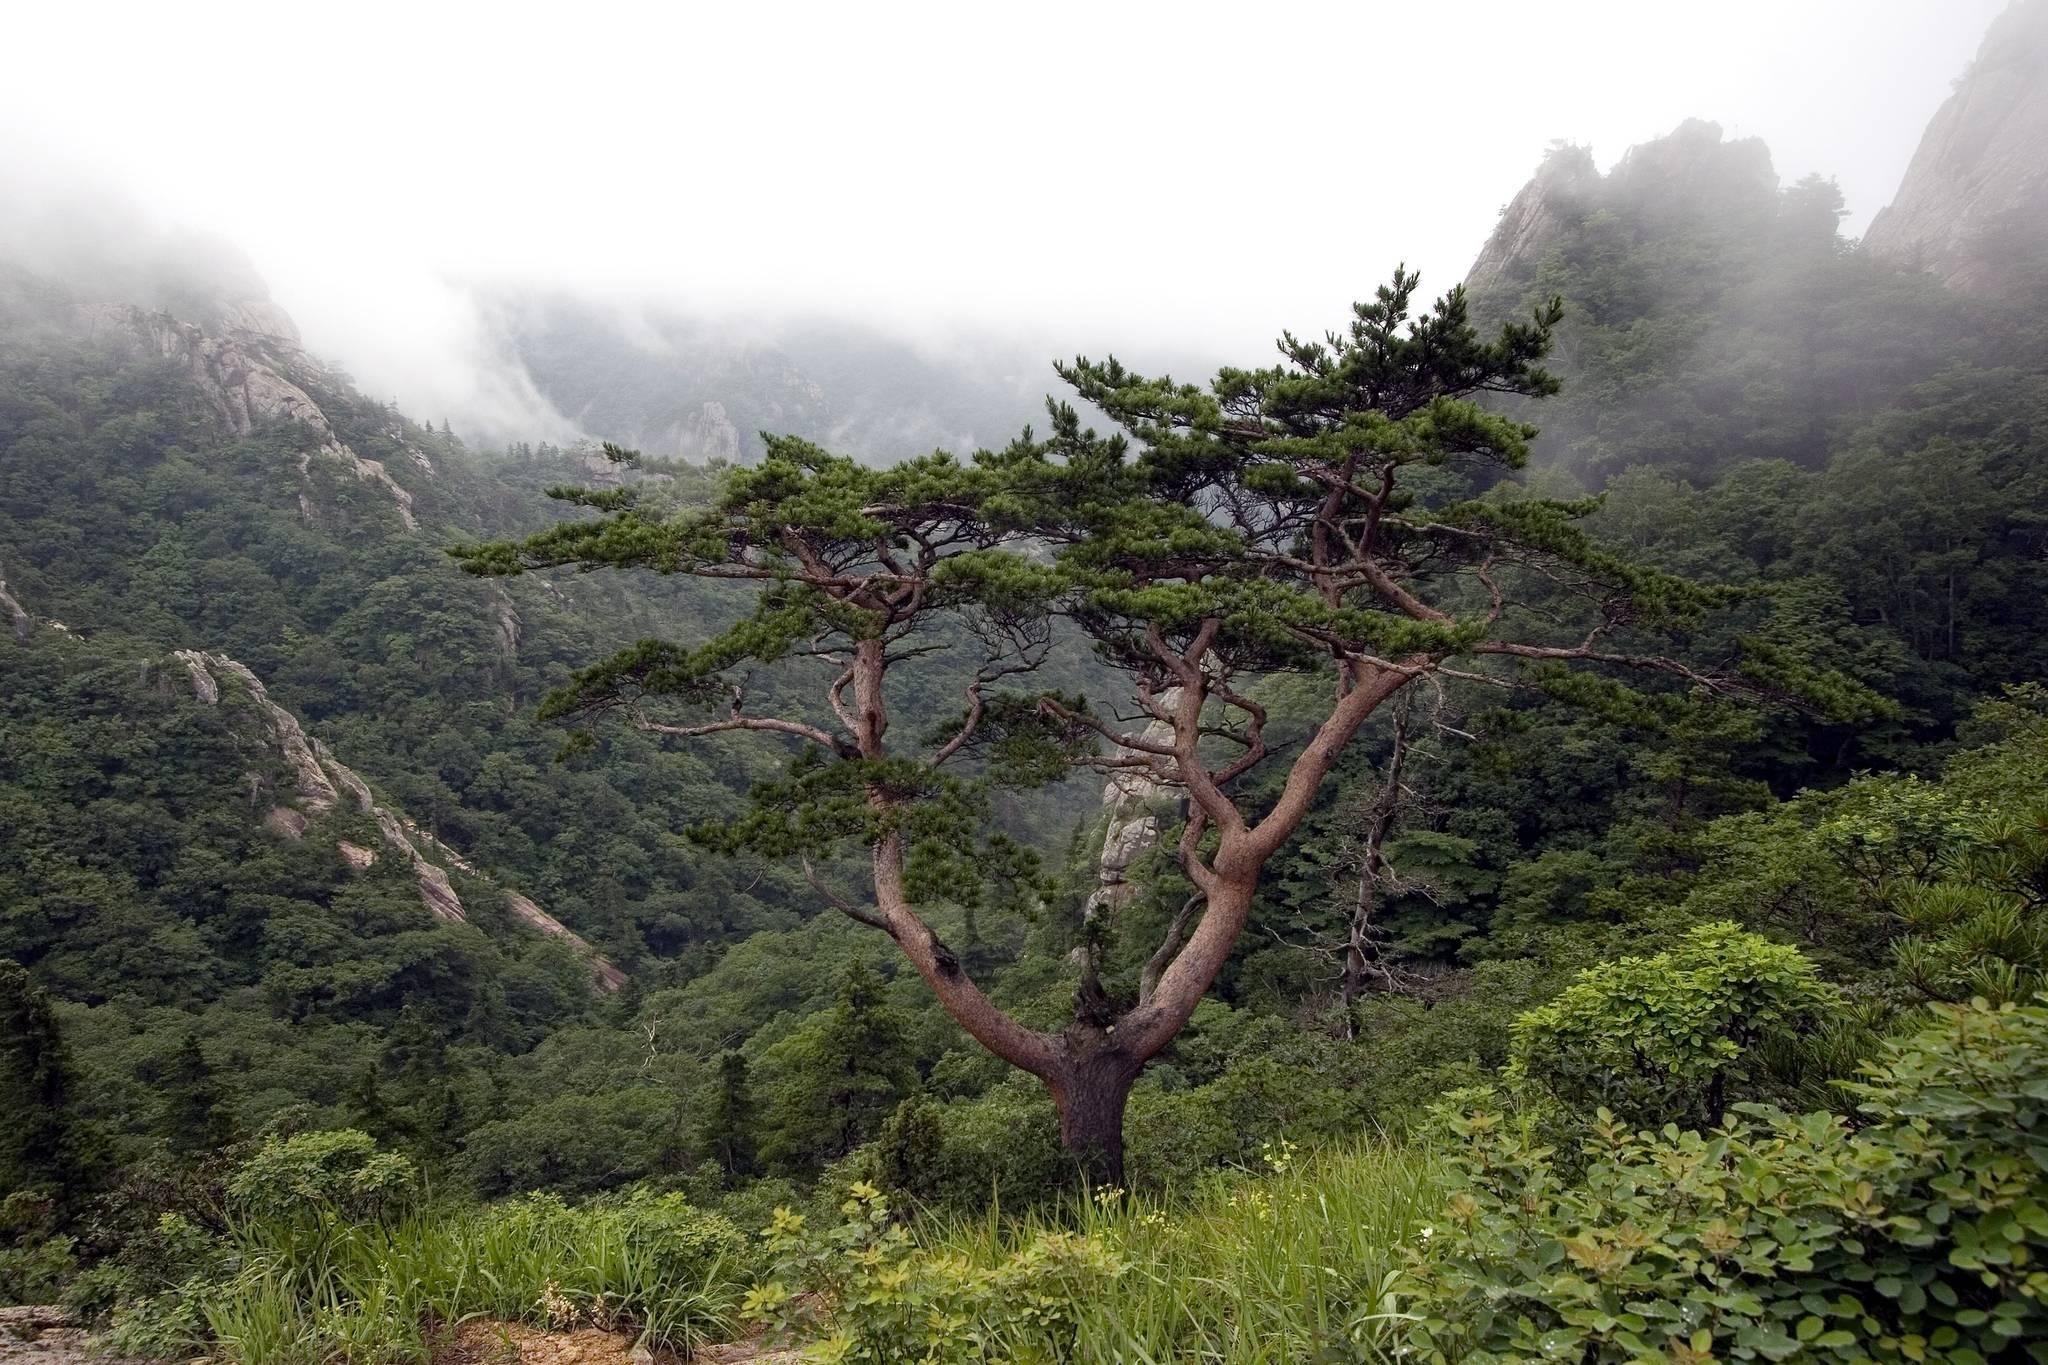 설악산 대청봉에서 저항령 구간 마루금 상의 소나무 거목 [사진 한국산림생태연구소 조현제 소장]